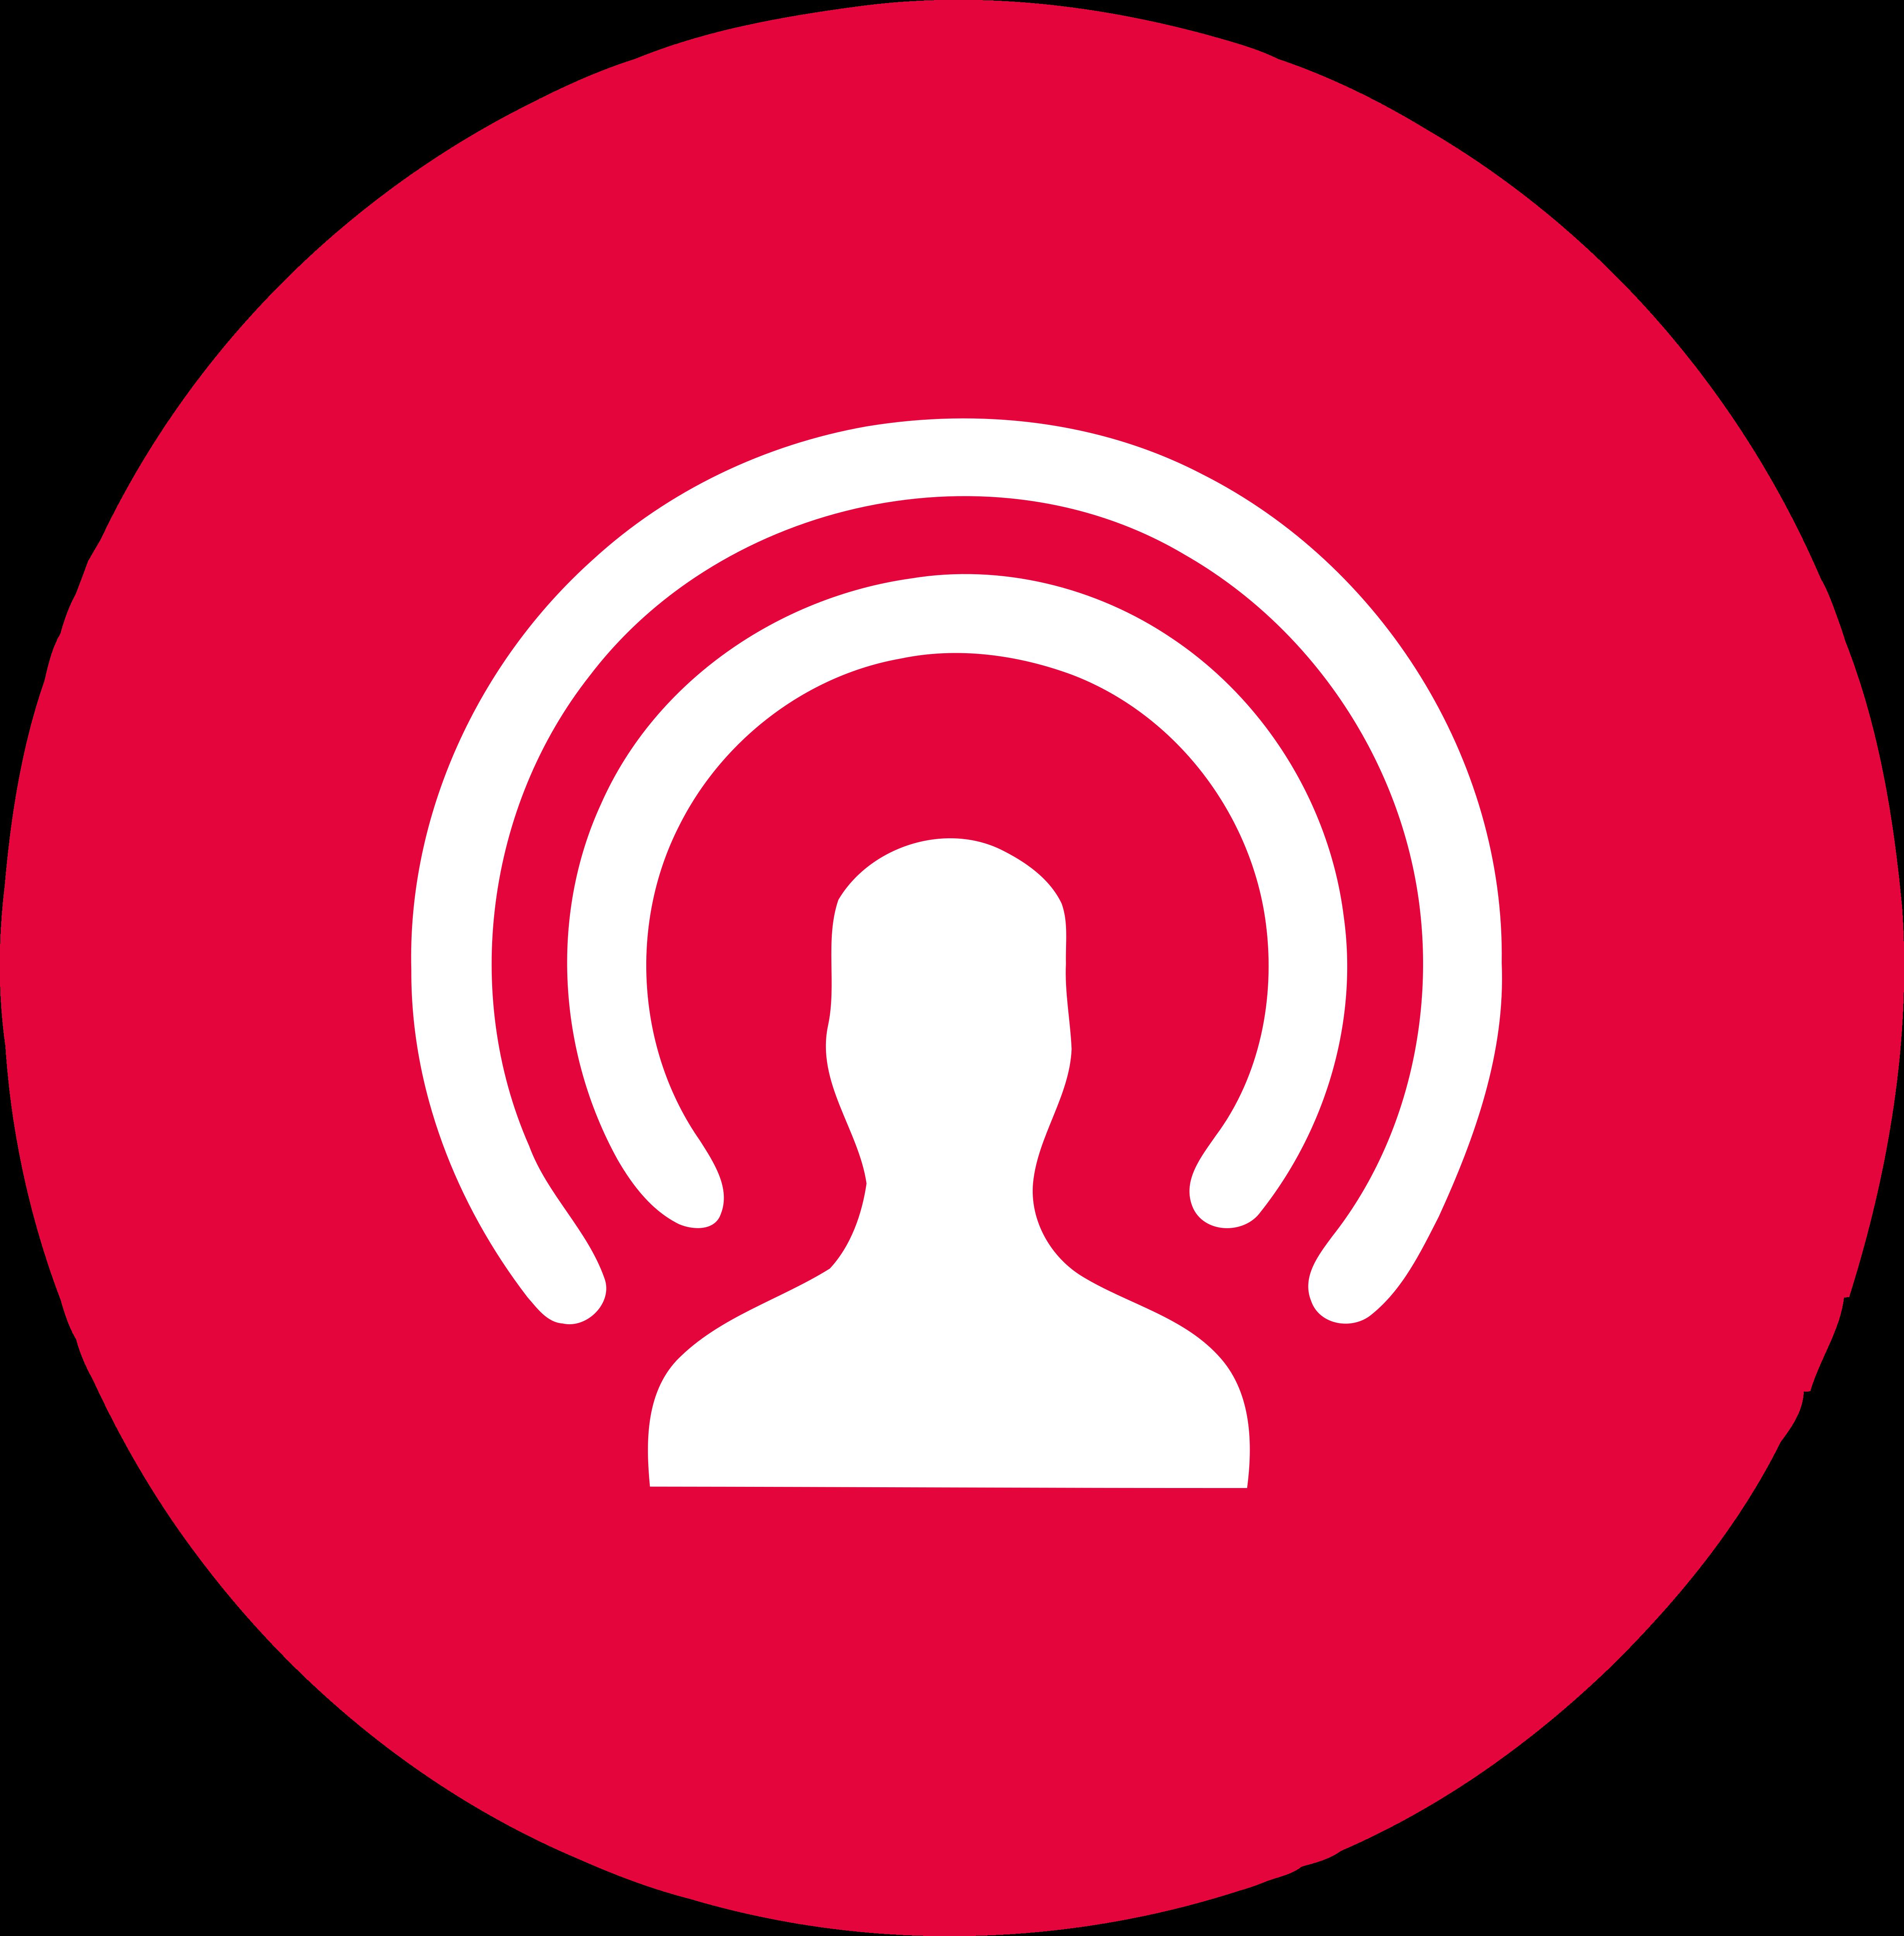 Facebook live logo clipart